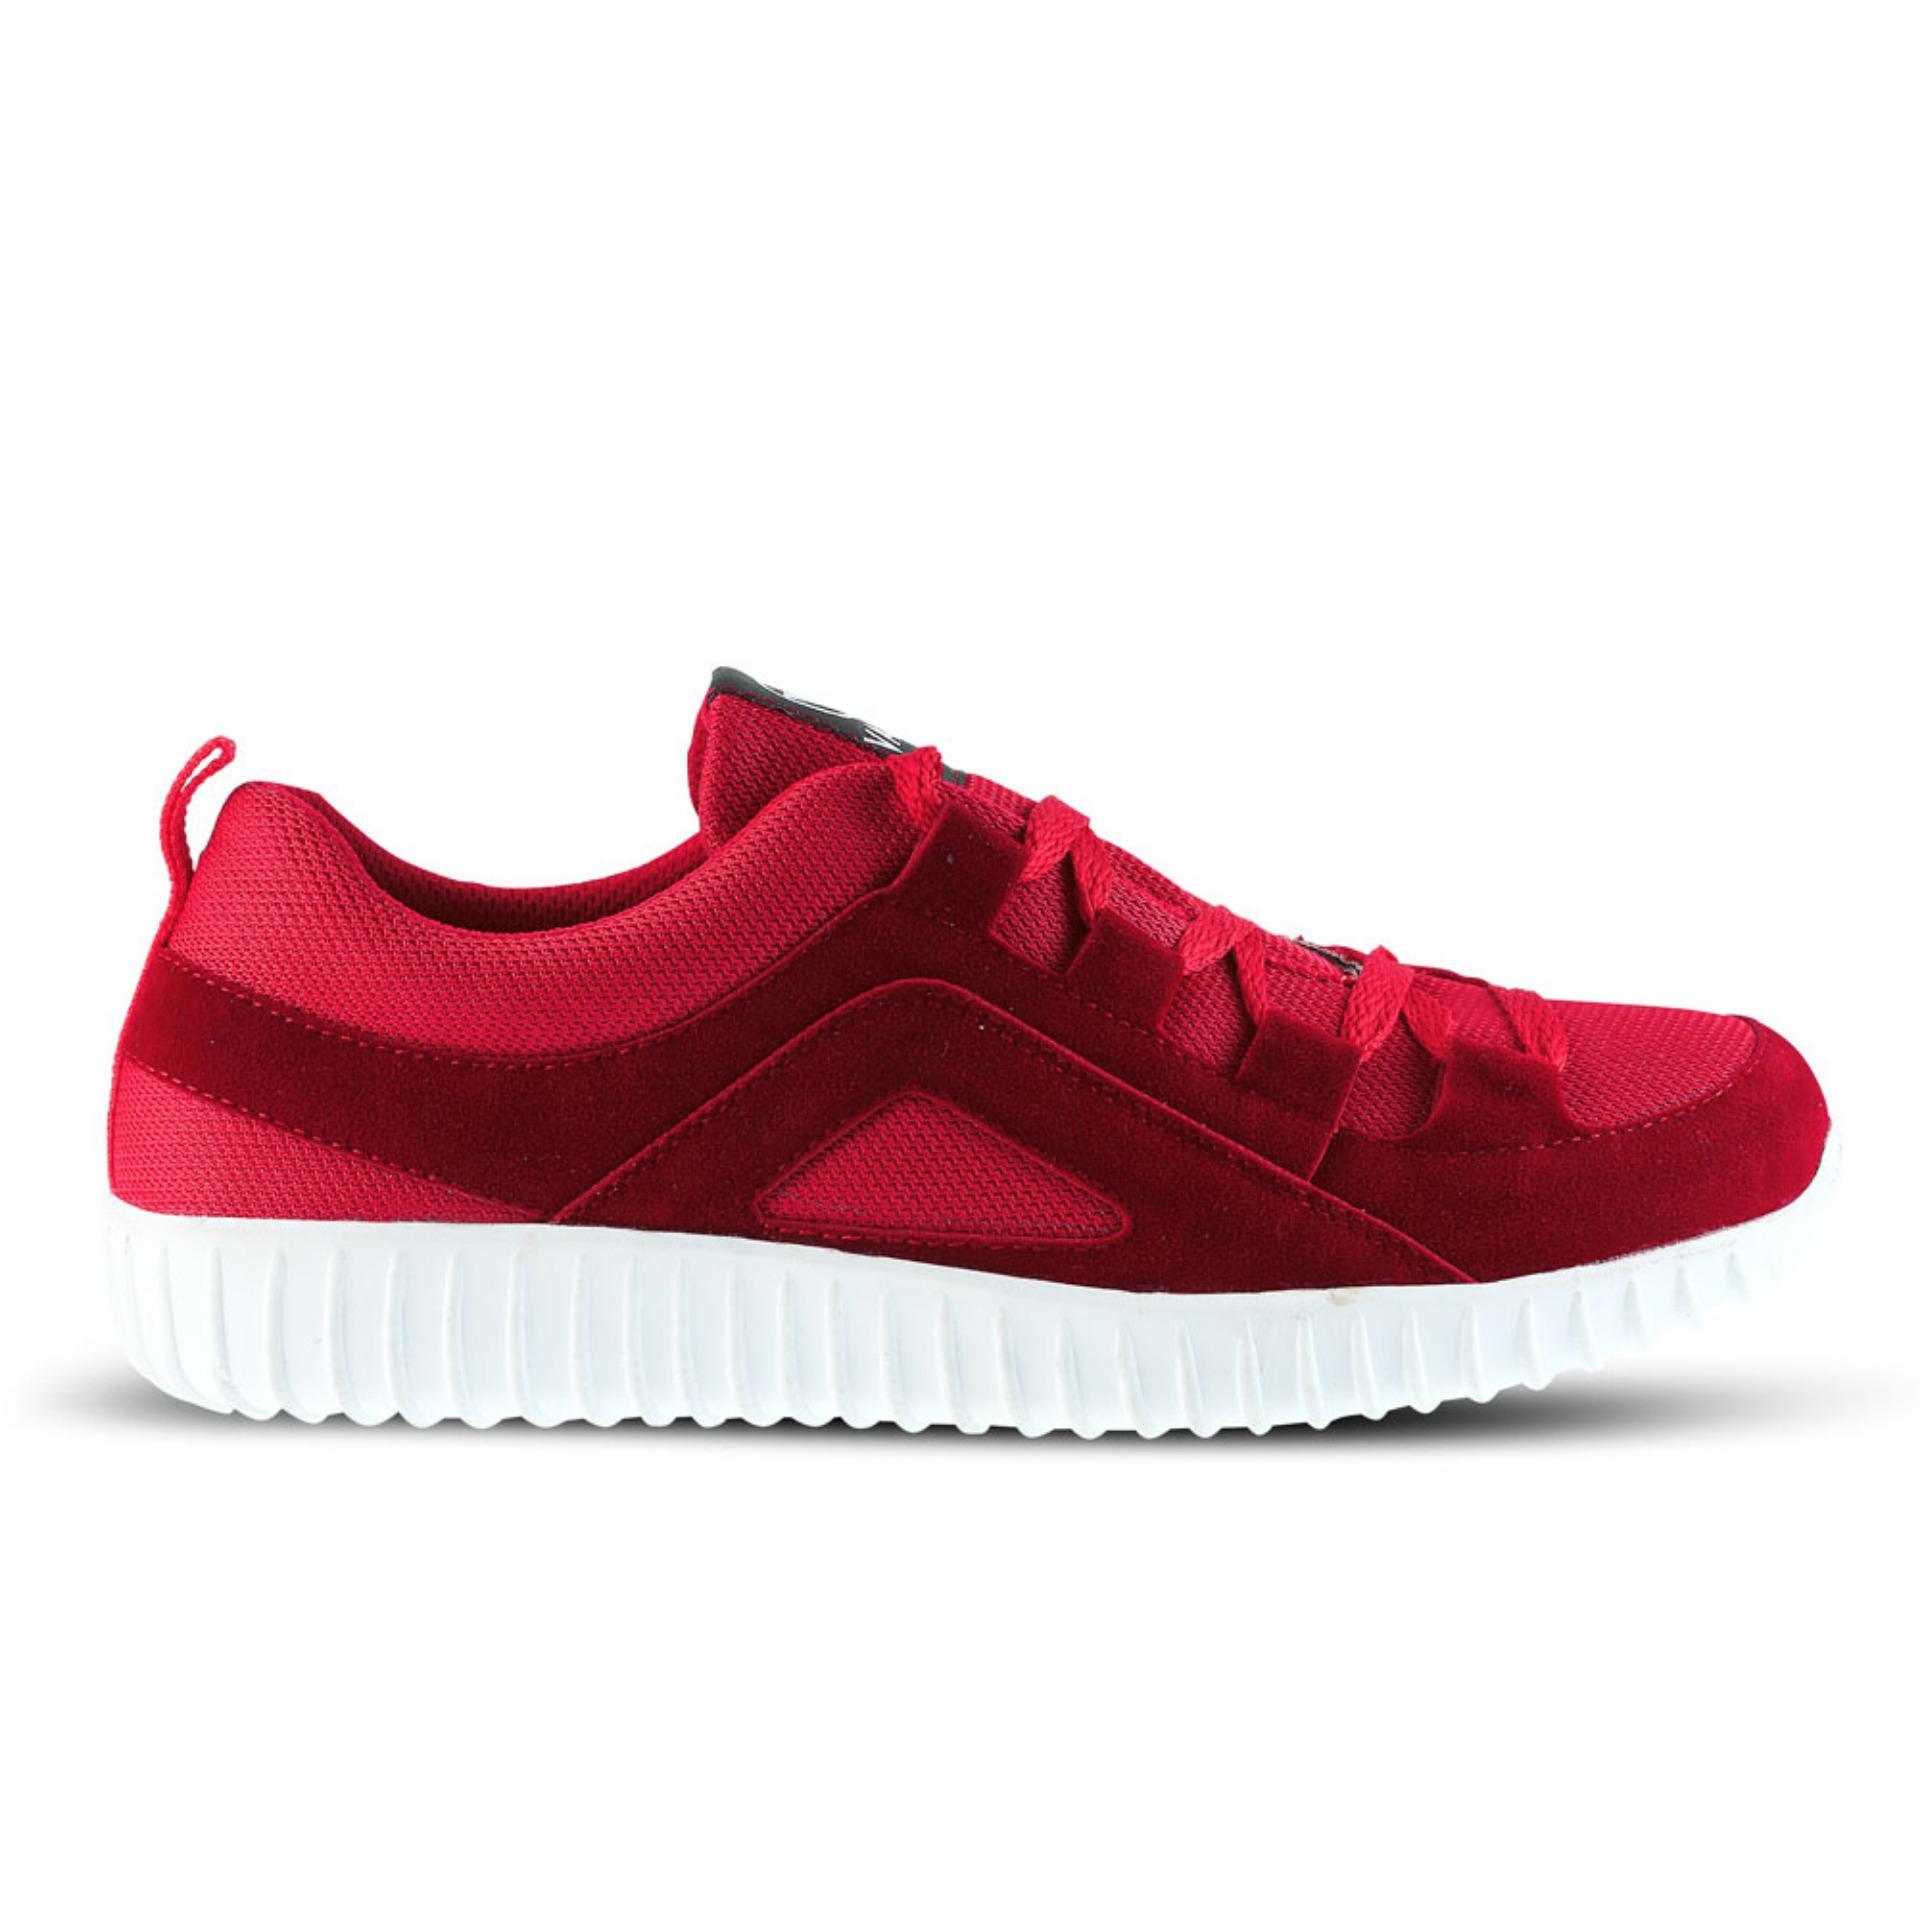 Bandingkan Simpan Distro Bandung Vr 420 Sepatu Sneakers Kets Dan Kasual Pria Merah